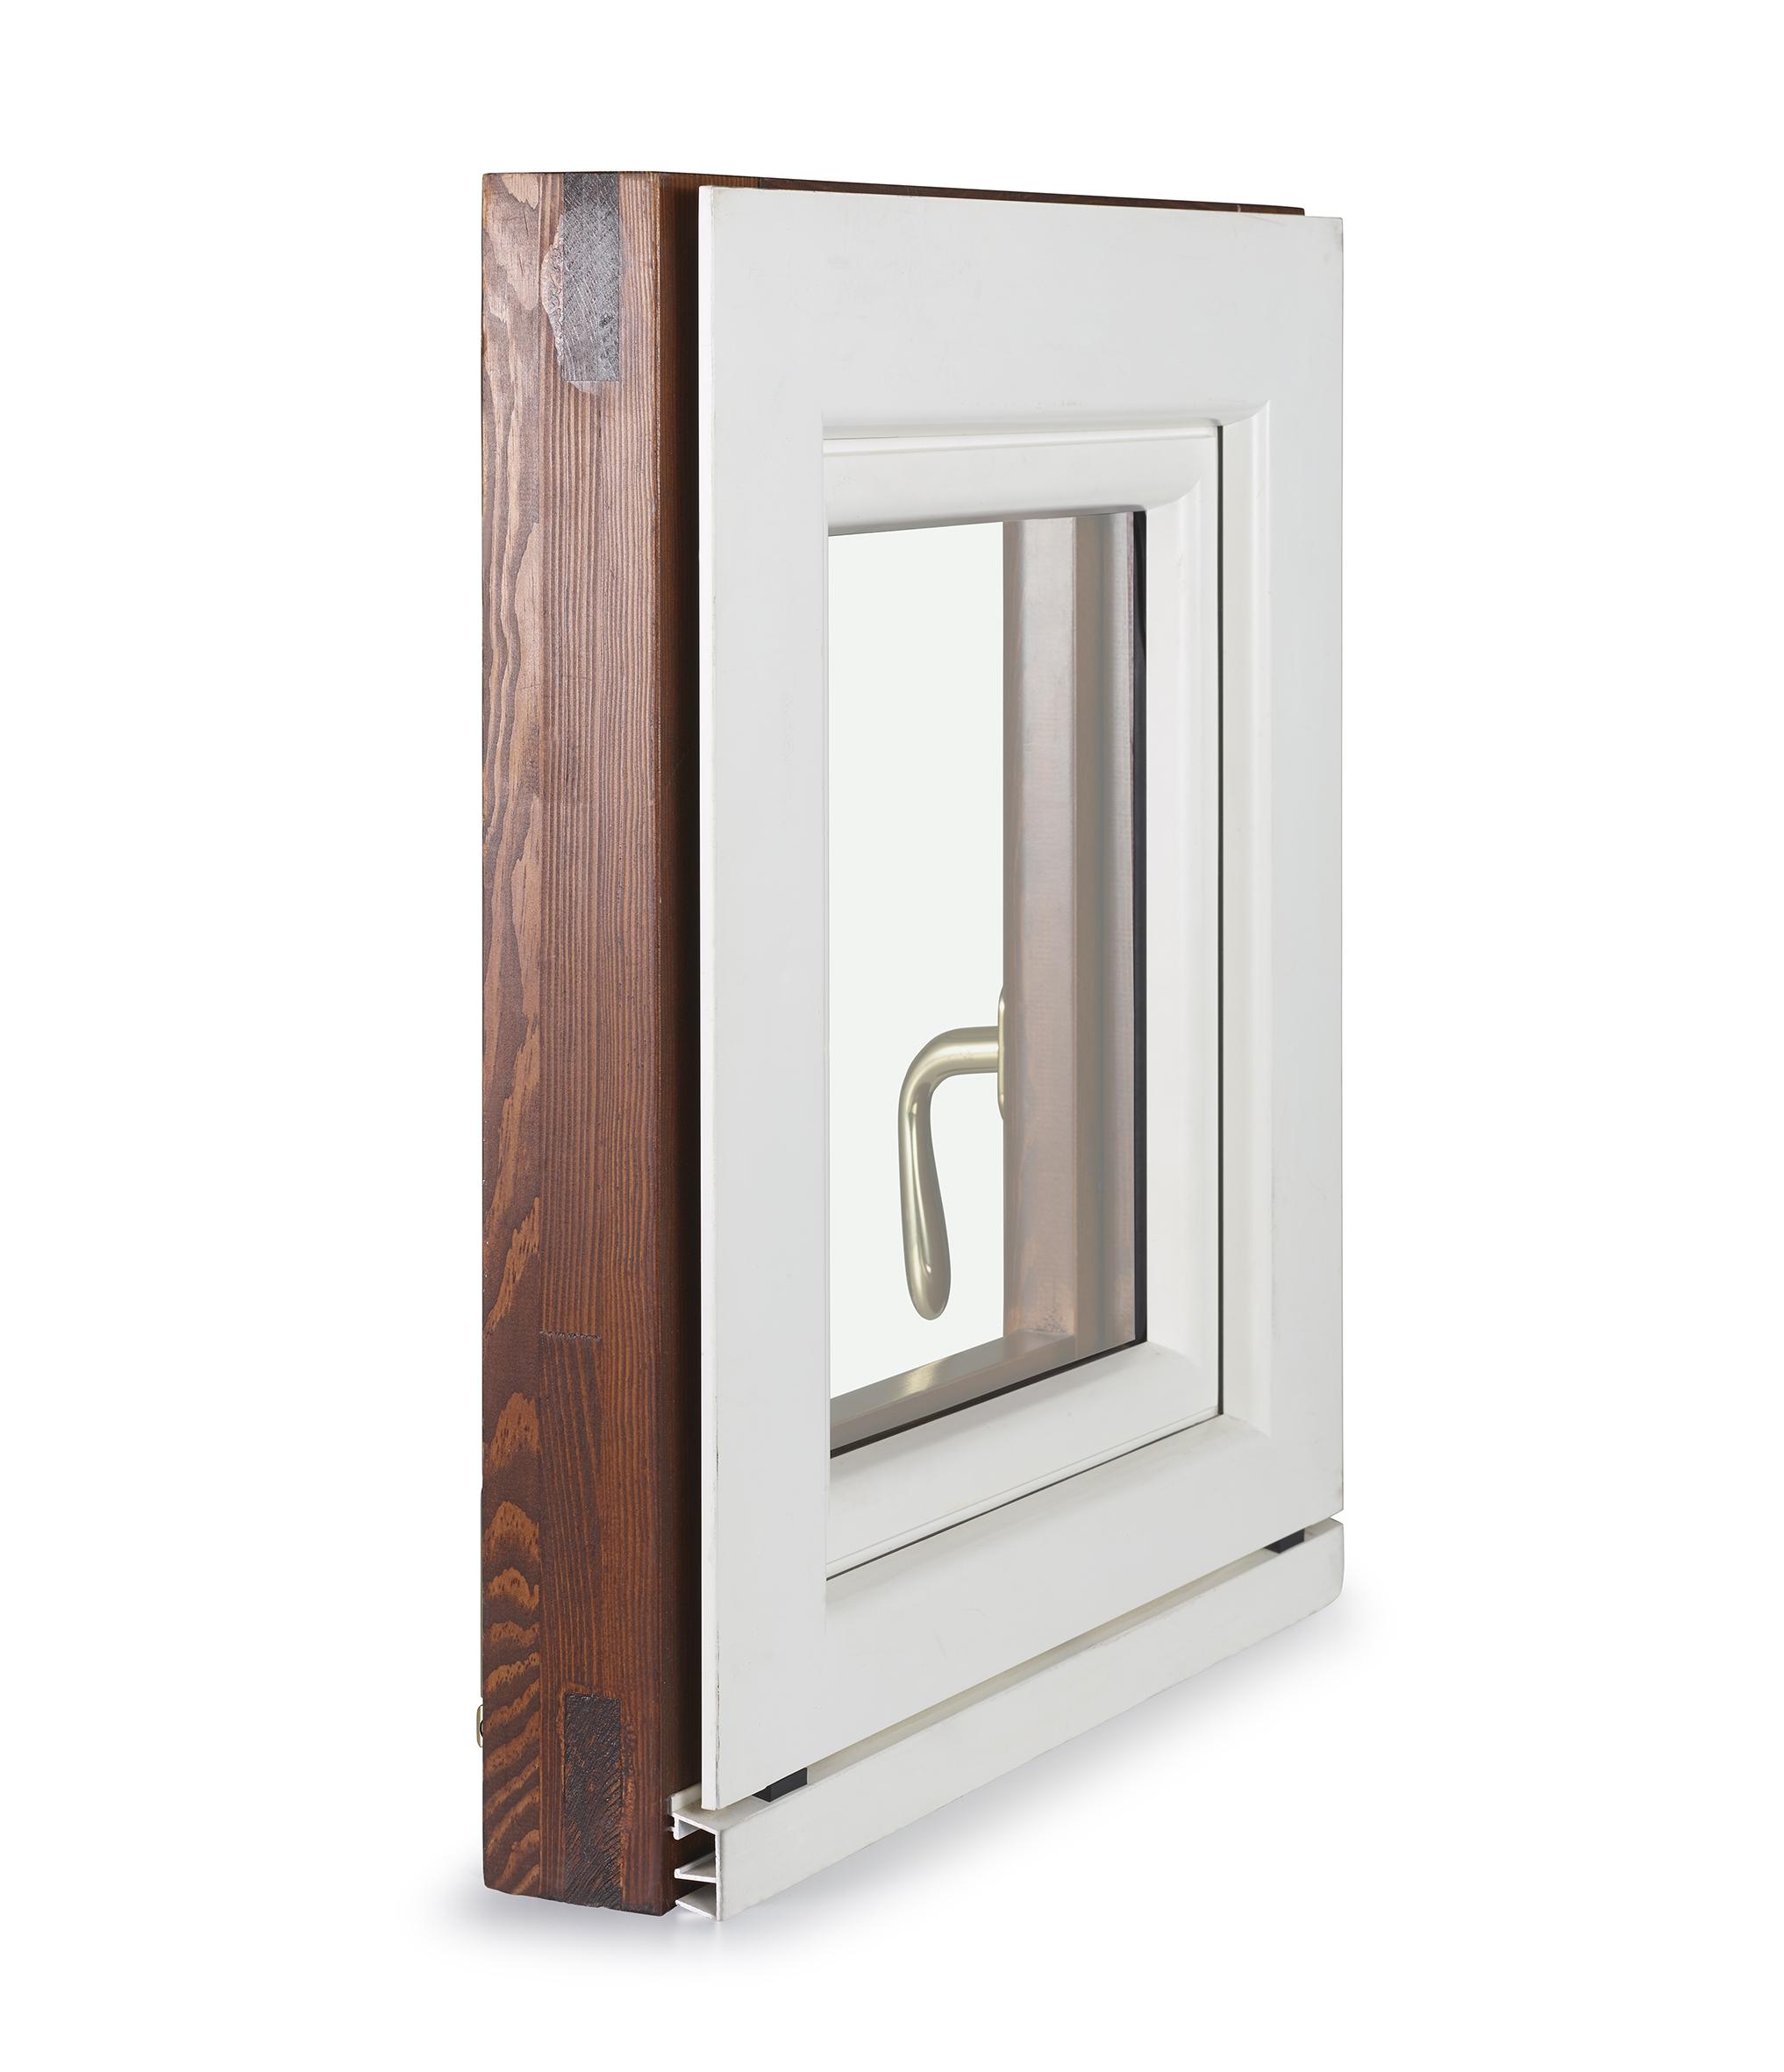 Finestra in legno/alluminio